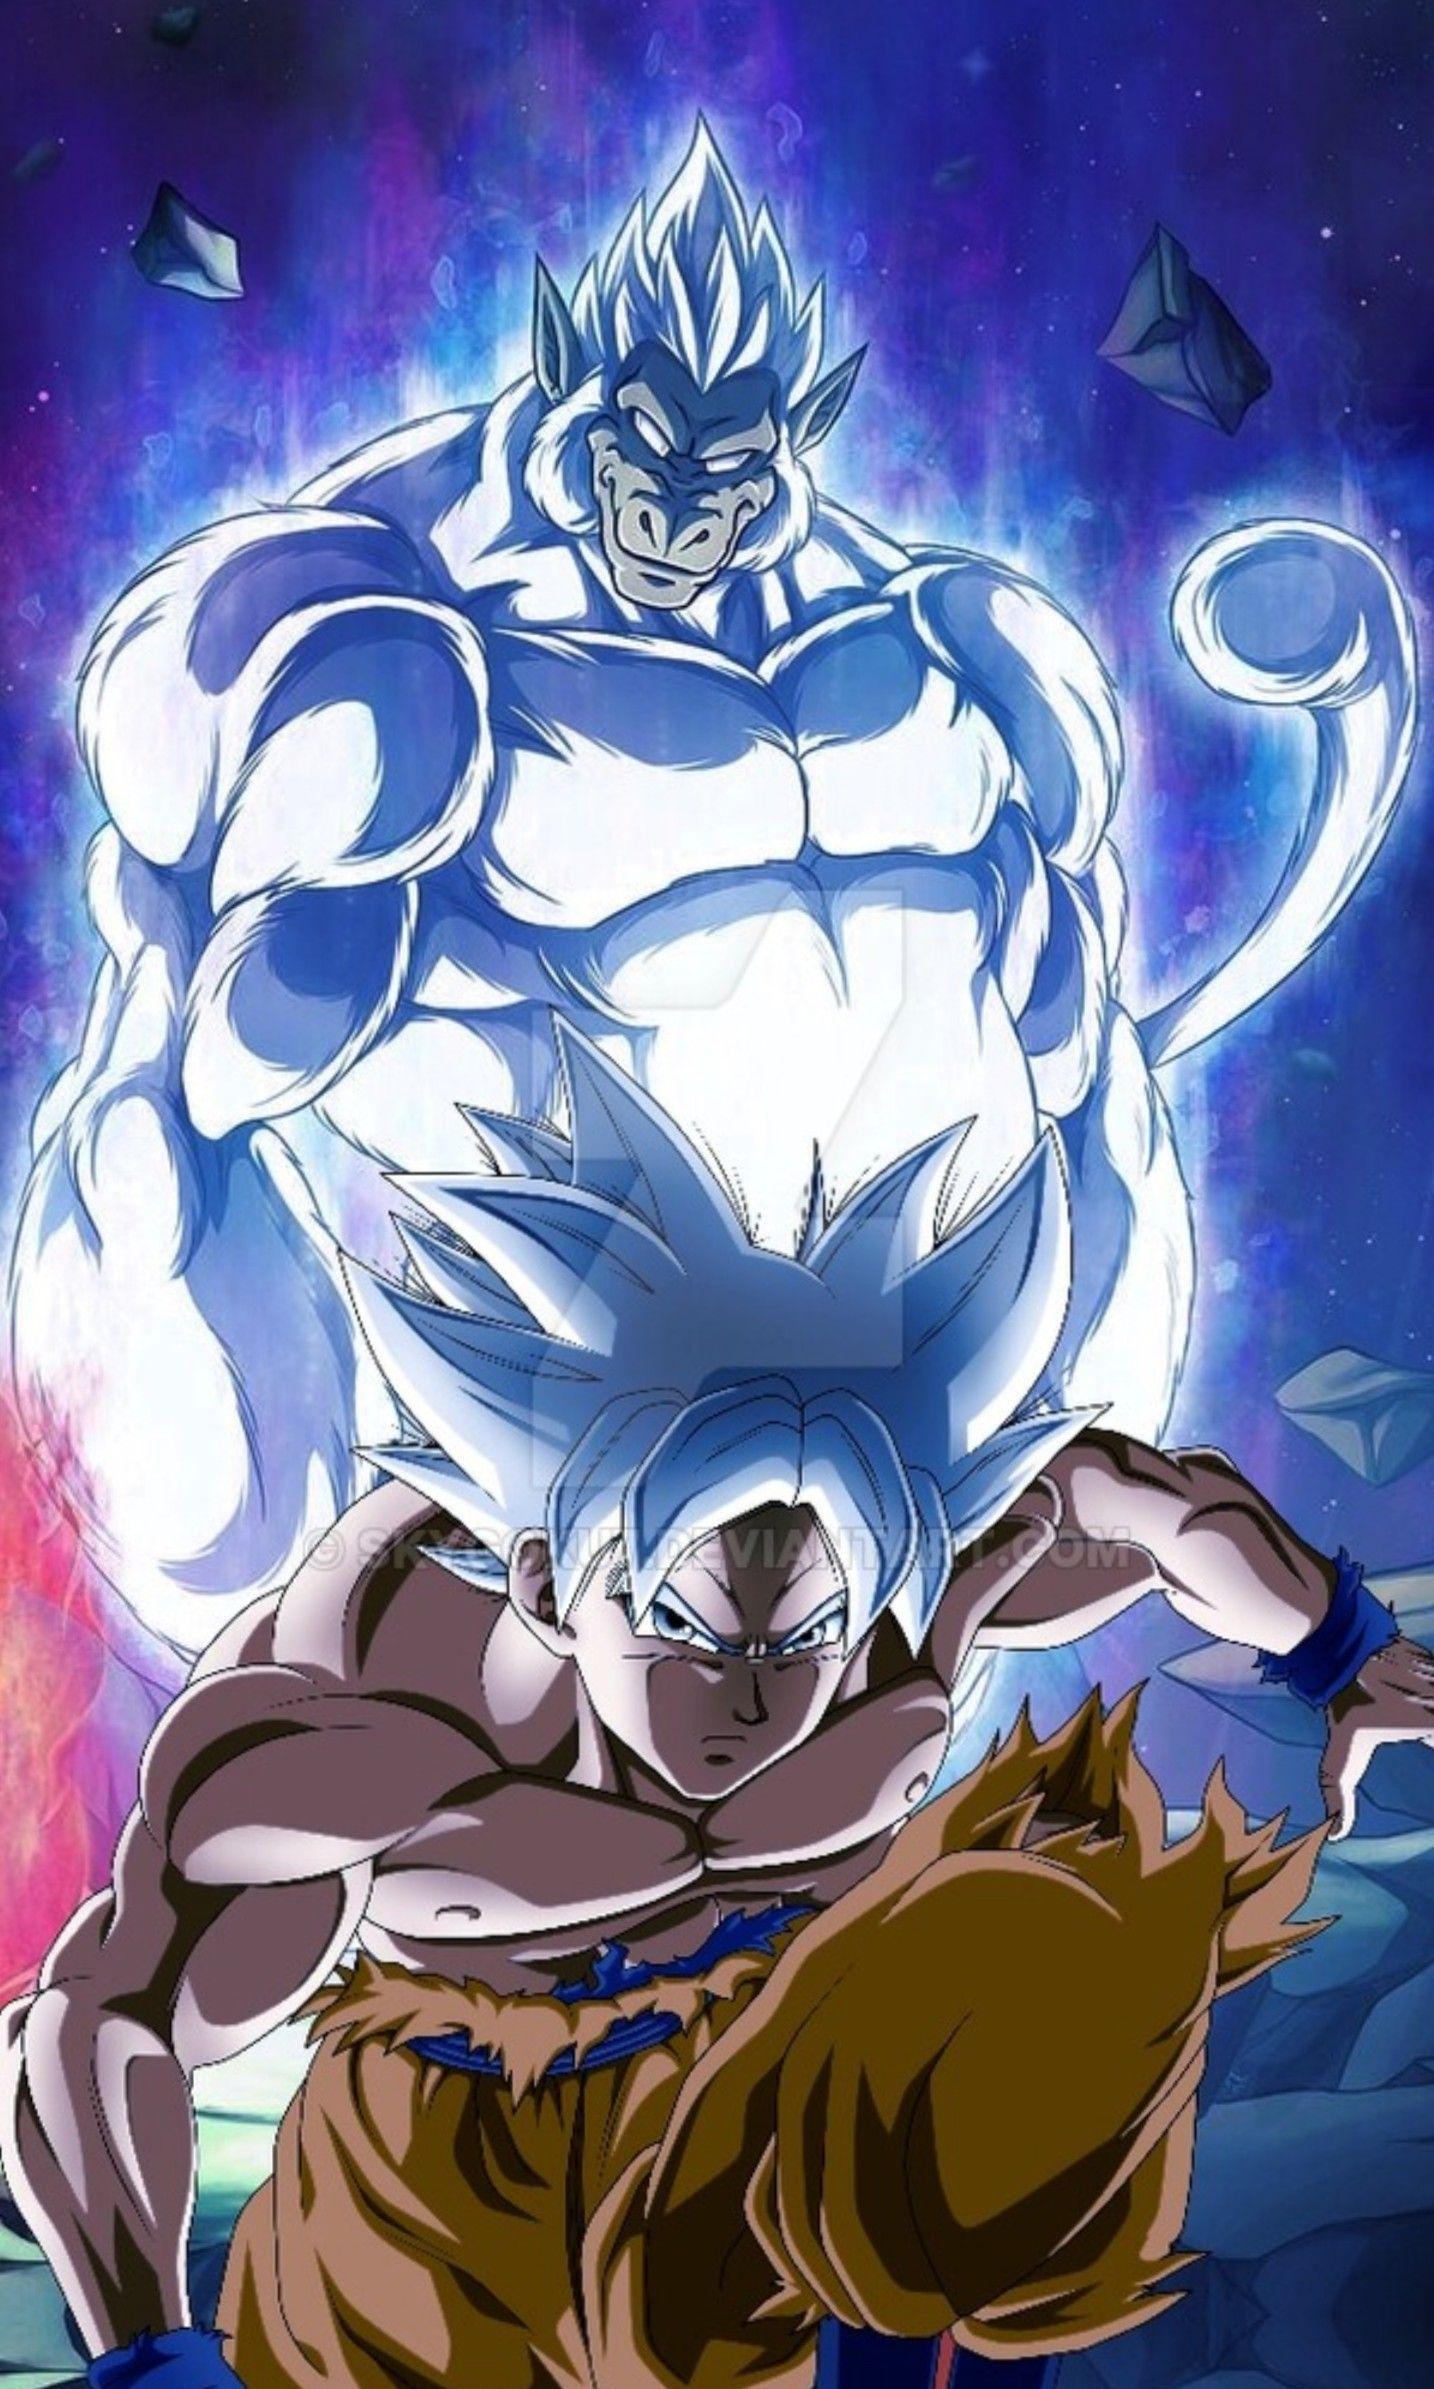 Goku Oozaru Ultra Instinct Mastered Dragon Ball Super Personajes De Goku Figuras De Goku Dragones